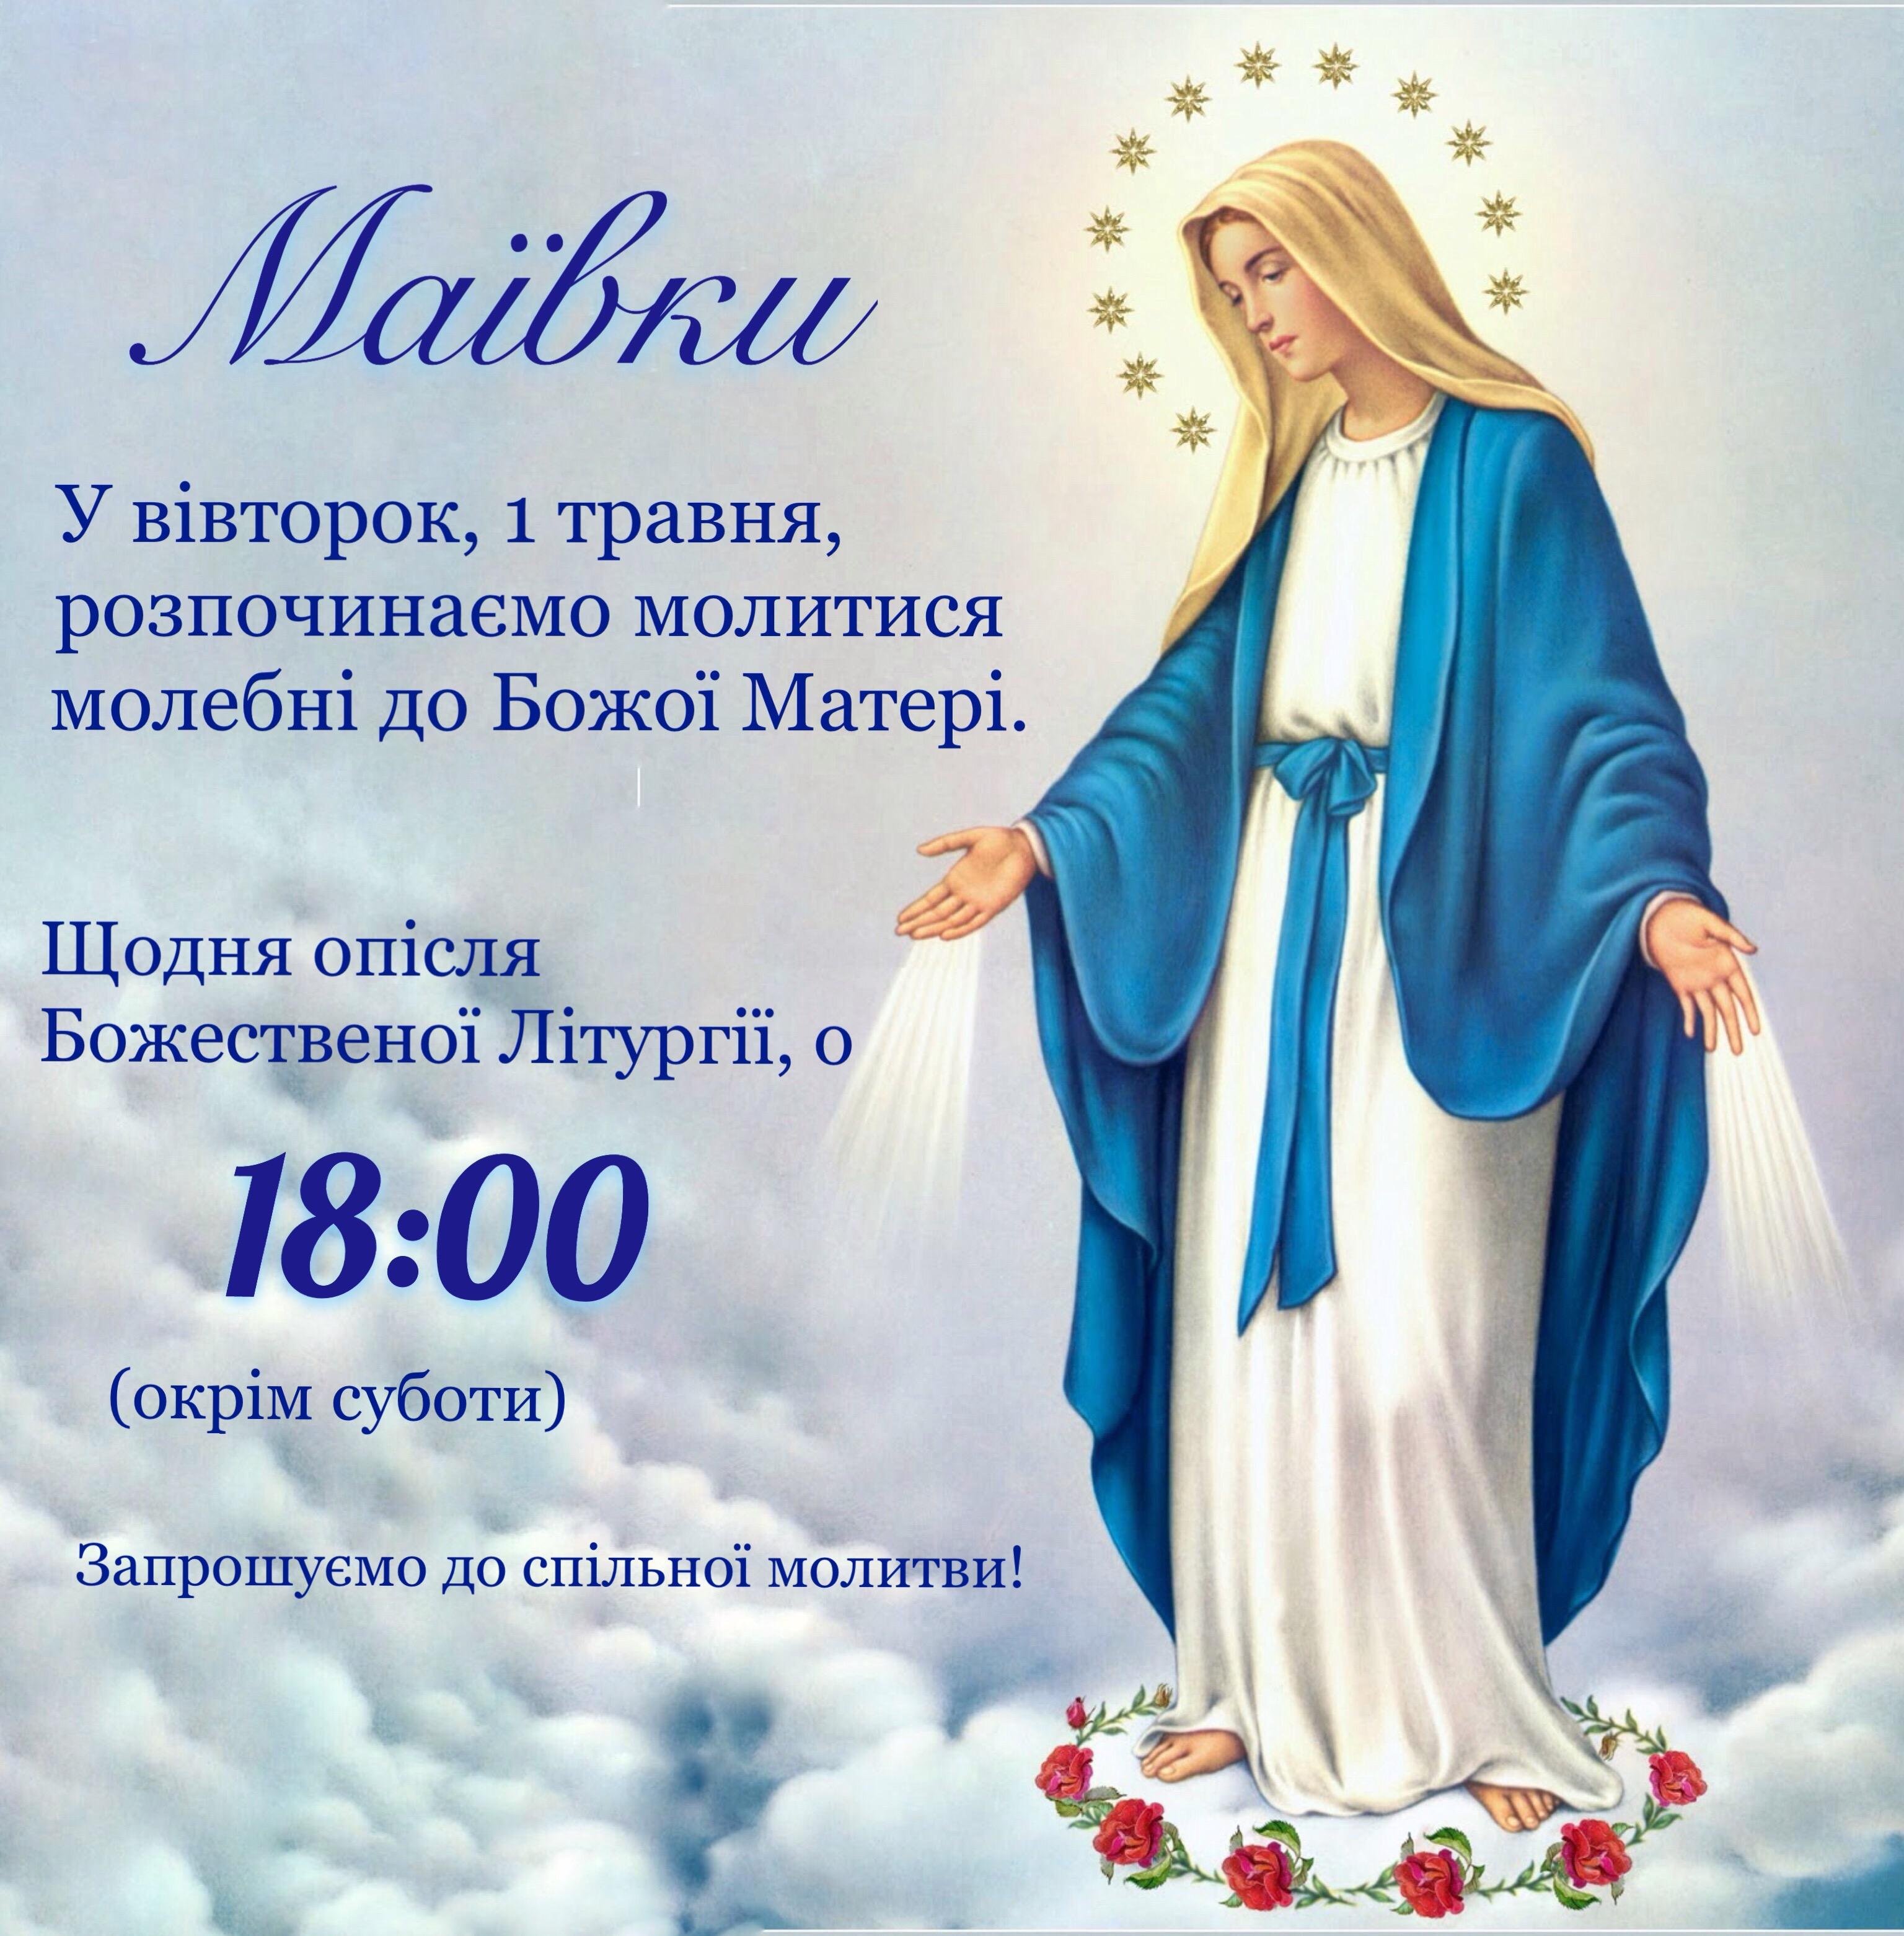 Розпочинаємо молитися молебні до Божої Матері